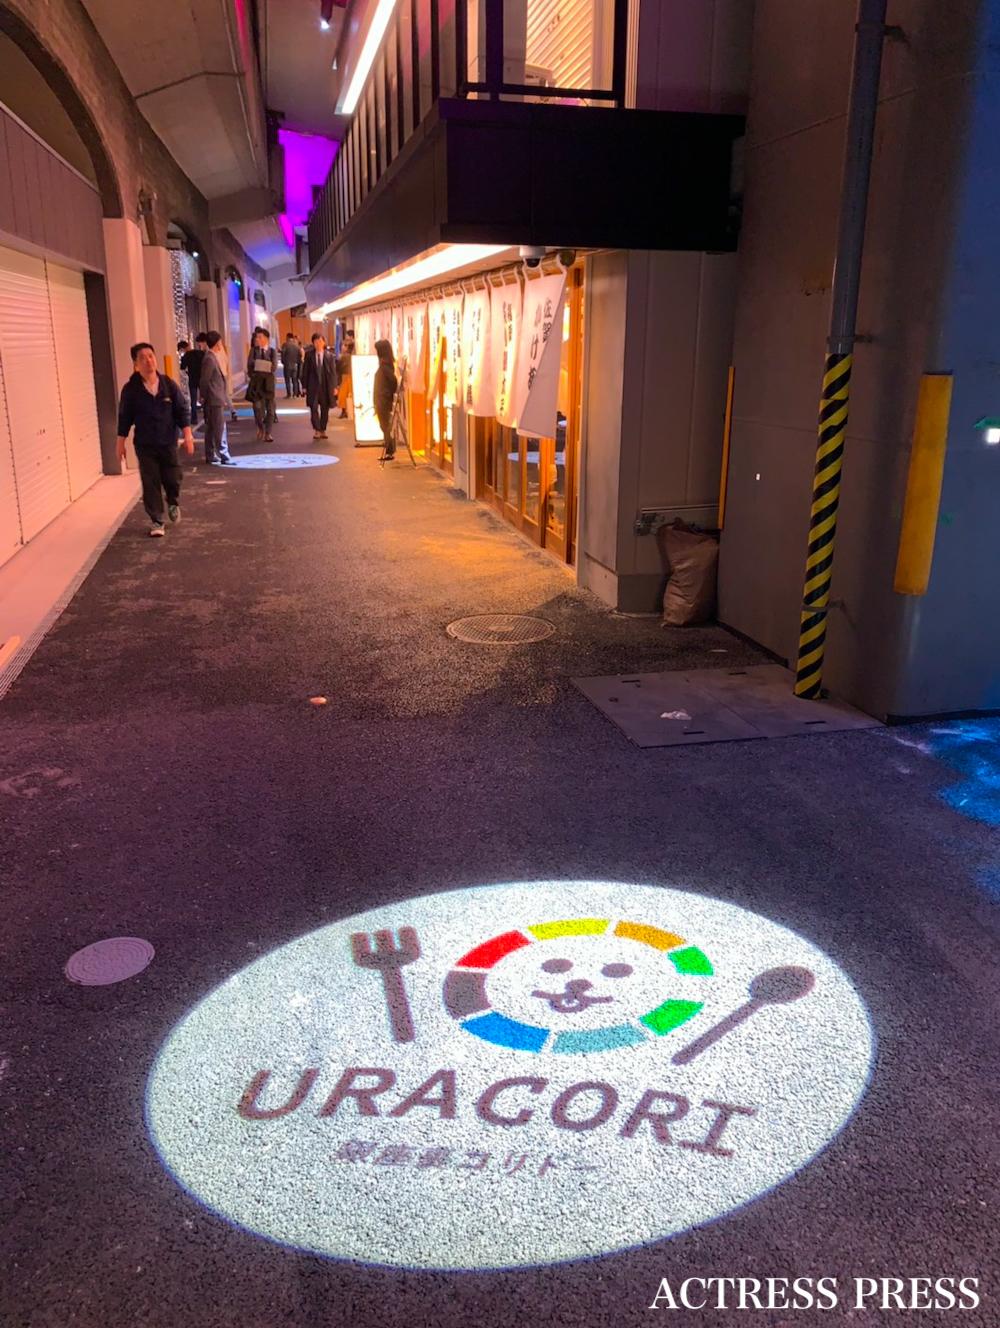 2019年11月18日、銀座裏コリドー街・商業施設『URACORI』にて/ACTRESS PRESS編集部